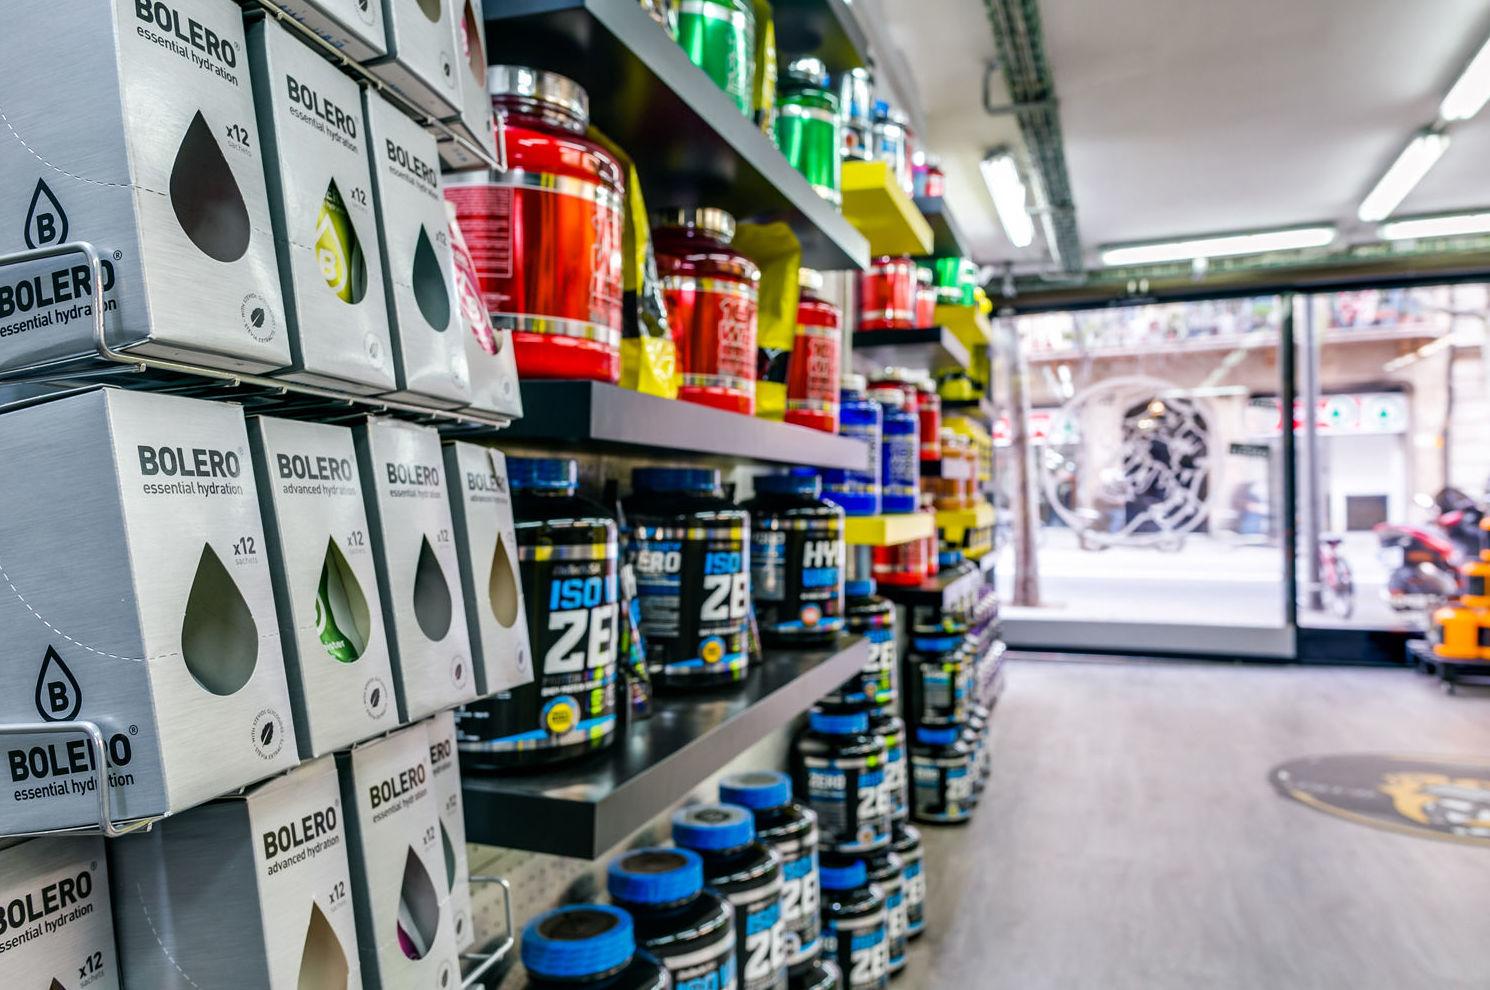 Tienda de suplementos deportivos en Eixample